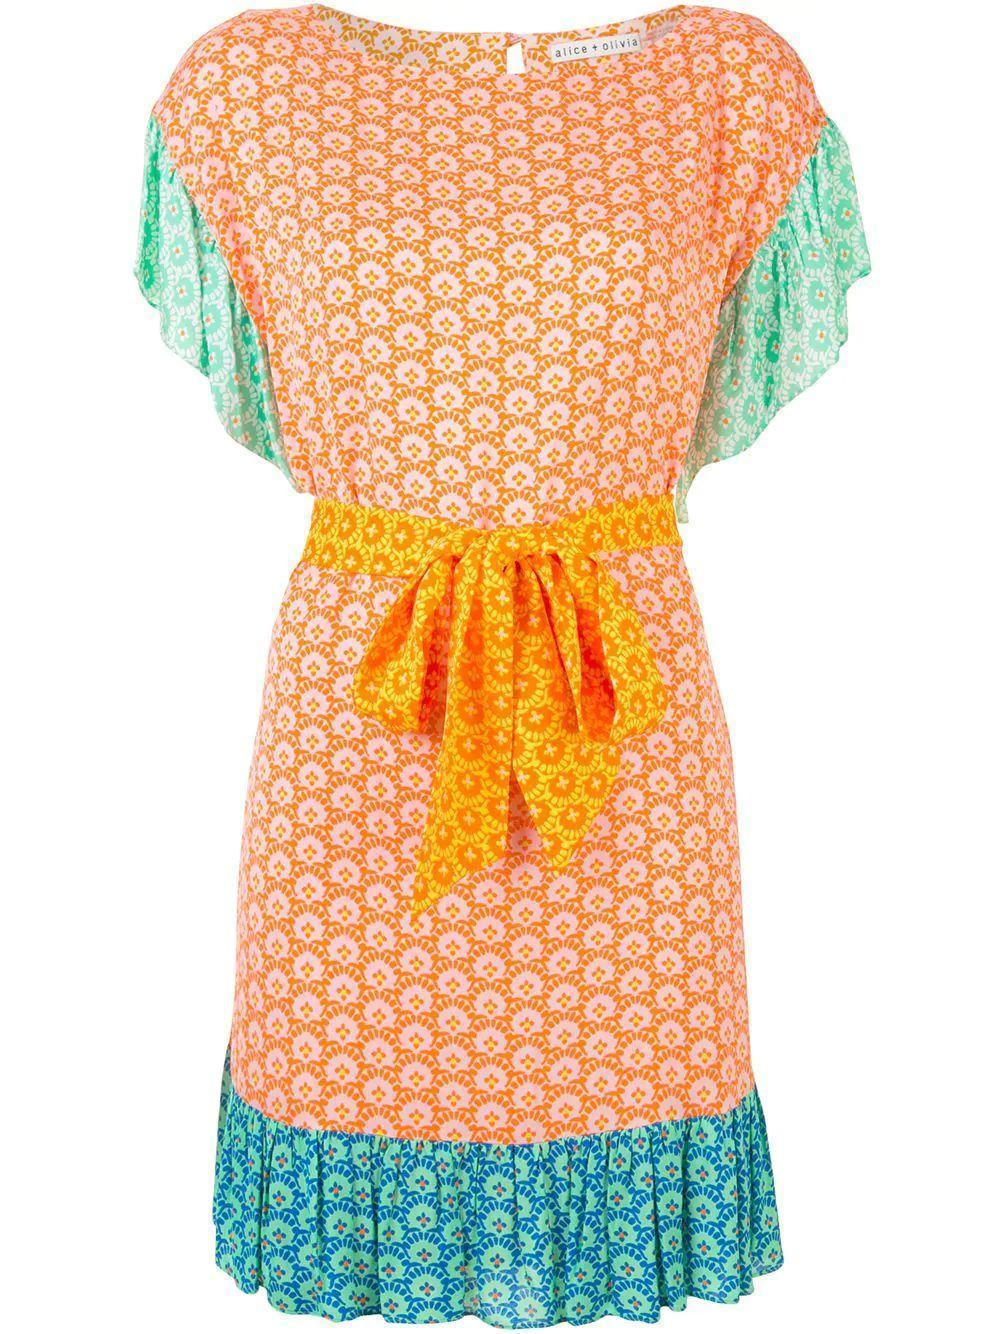 Ellamae Ruffle Shoulder Dress Item # CC005P85546